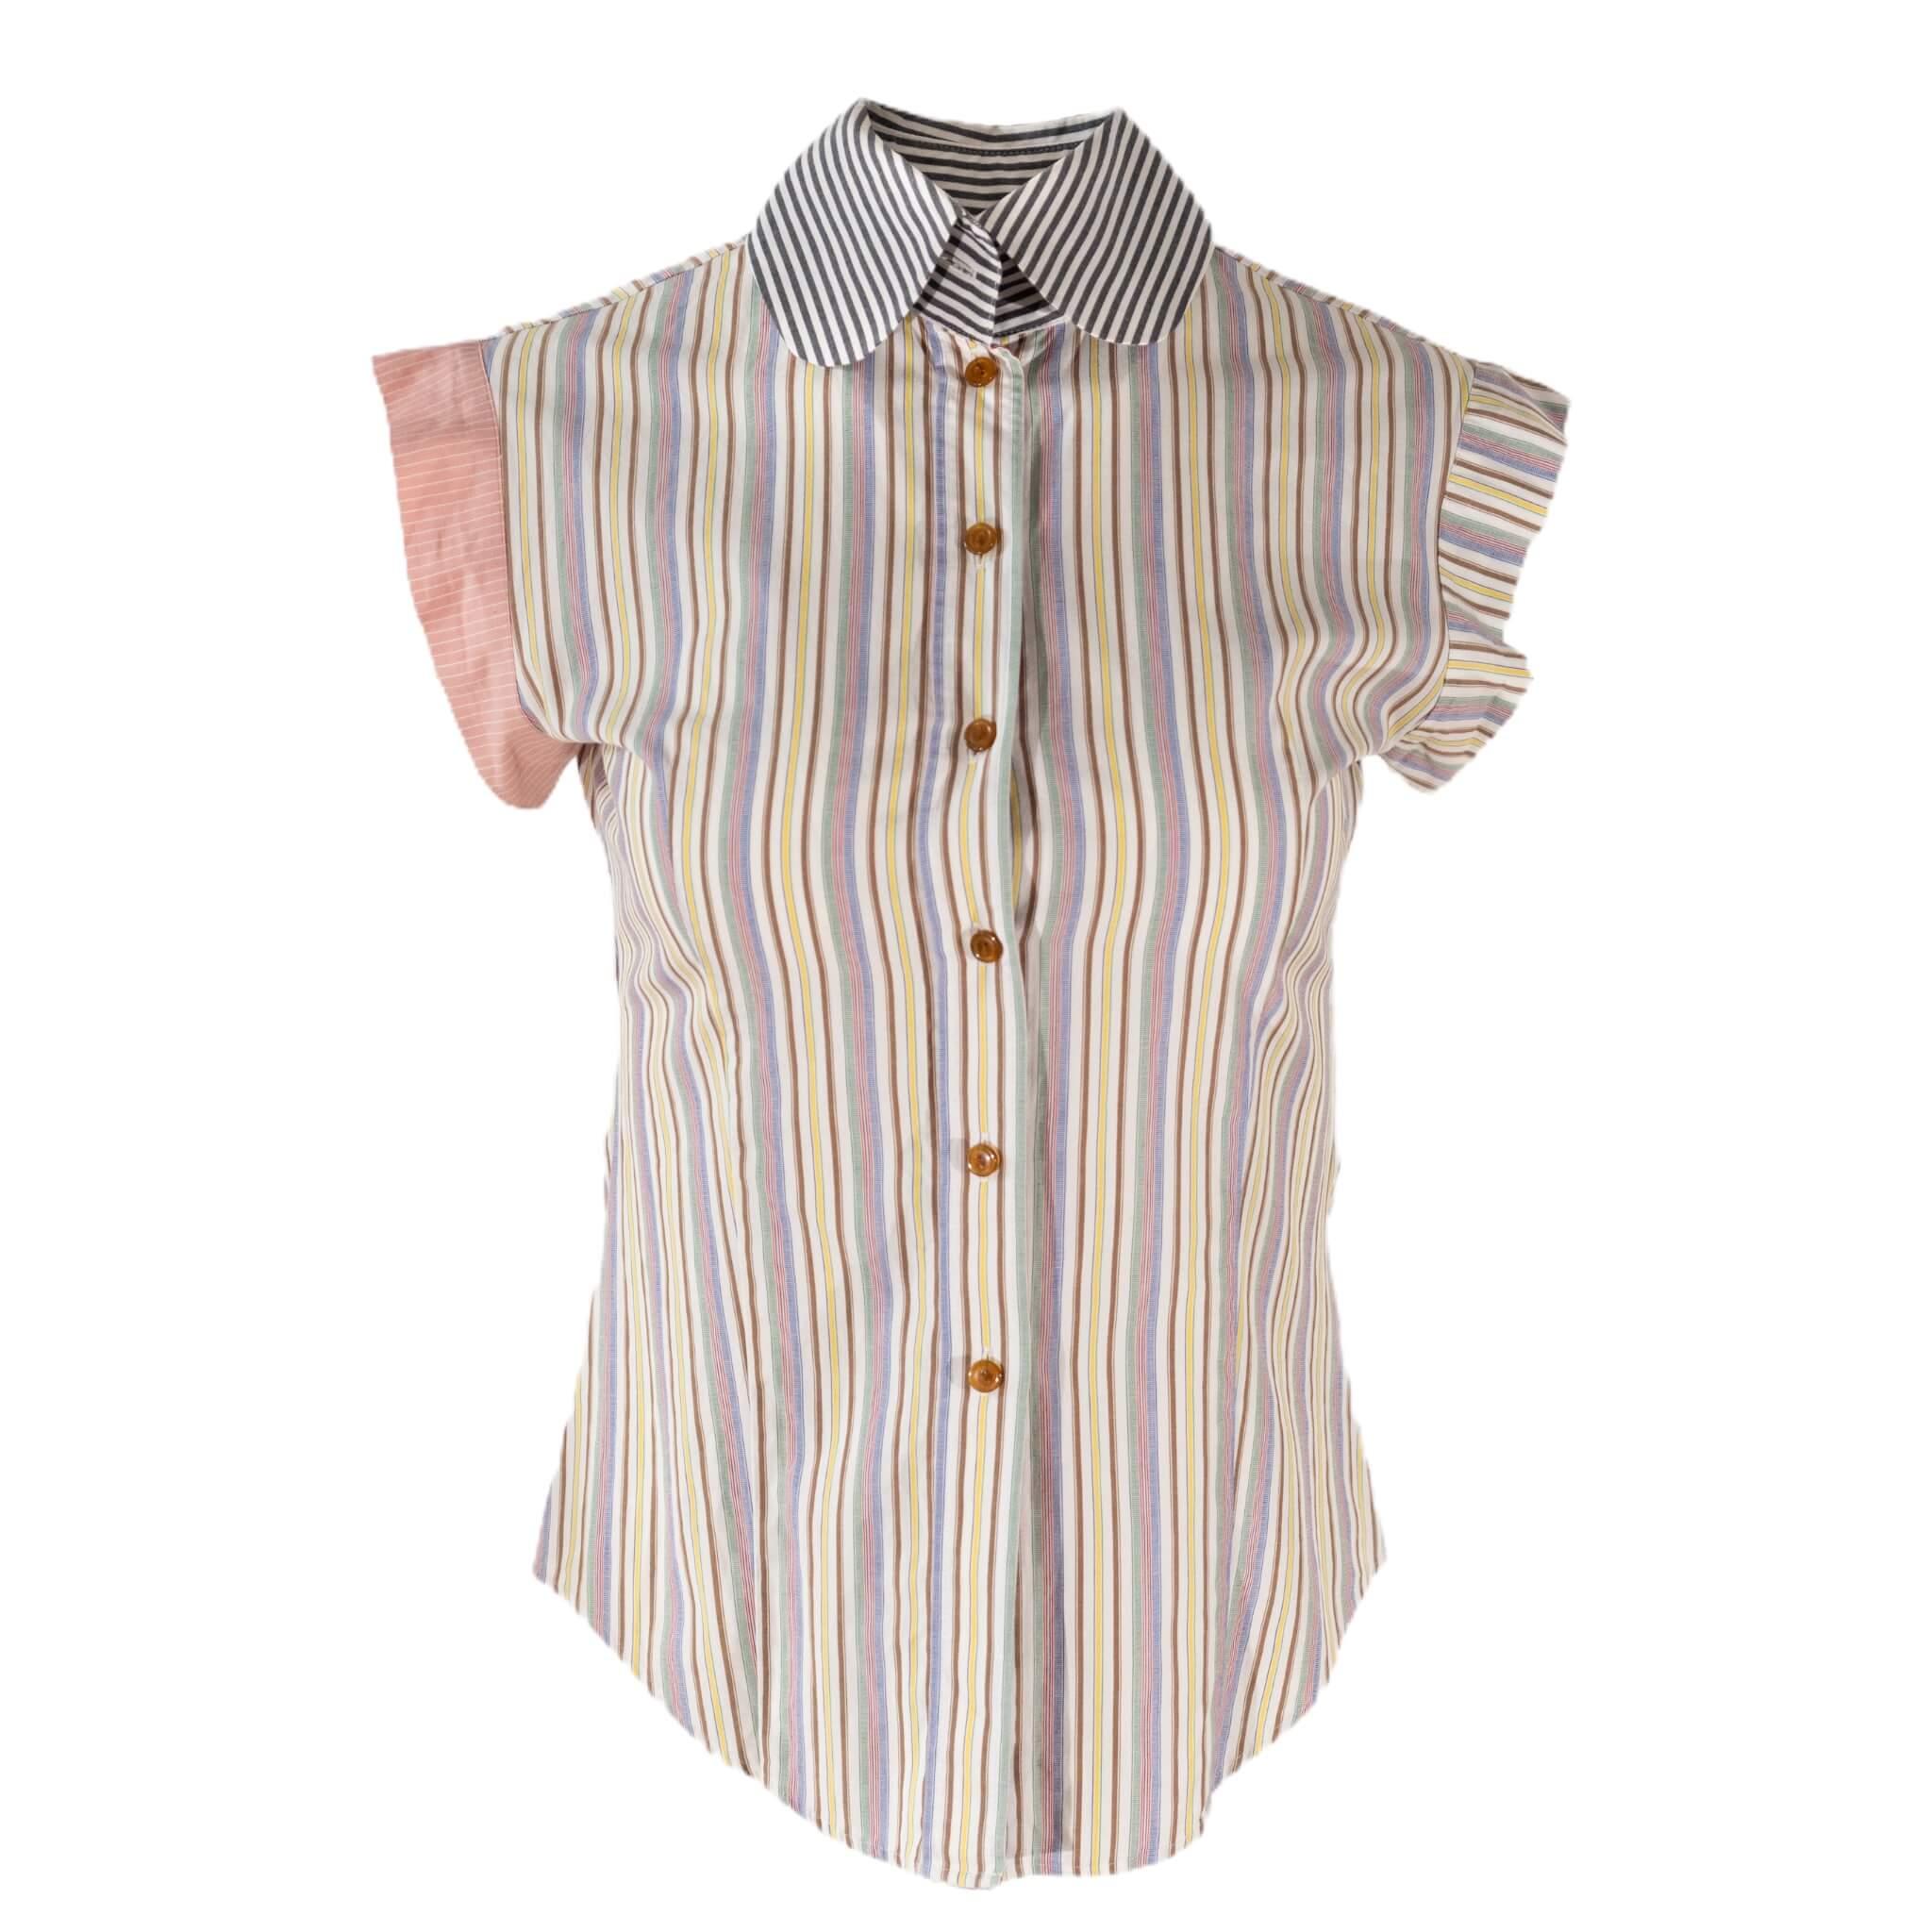 Vivienne Westwood Lolita Button Up